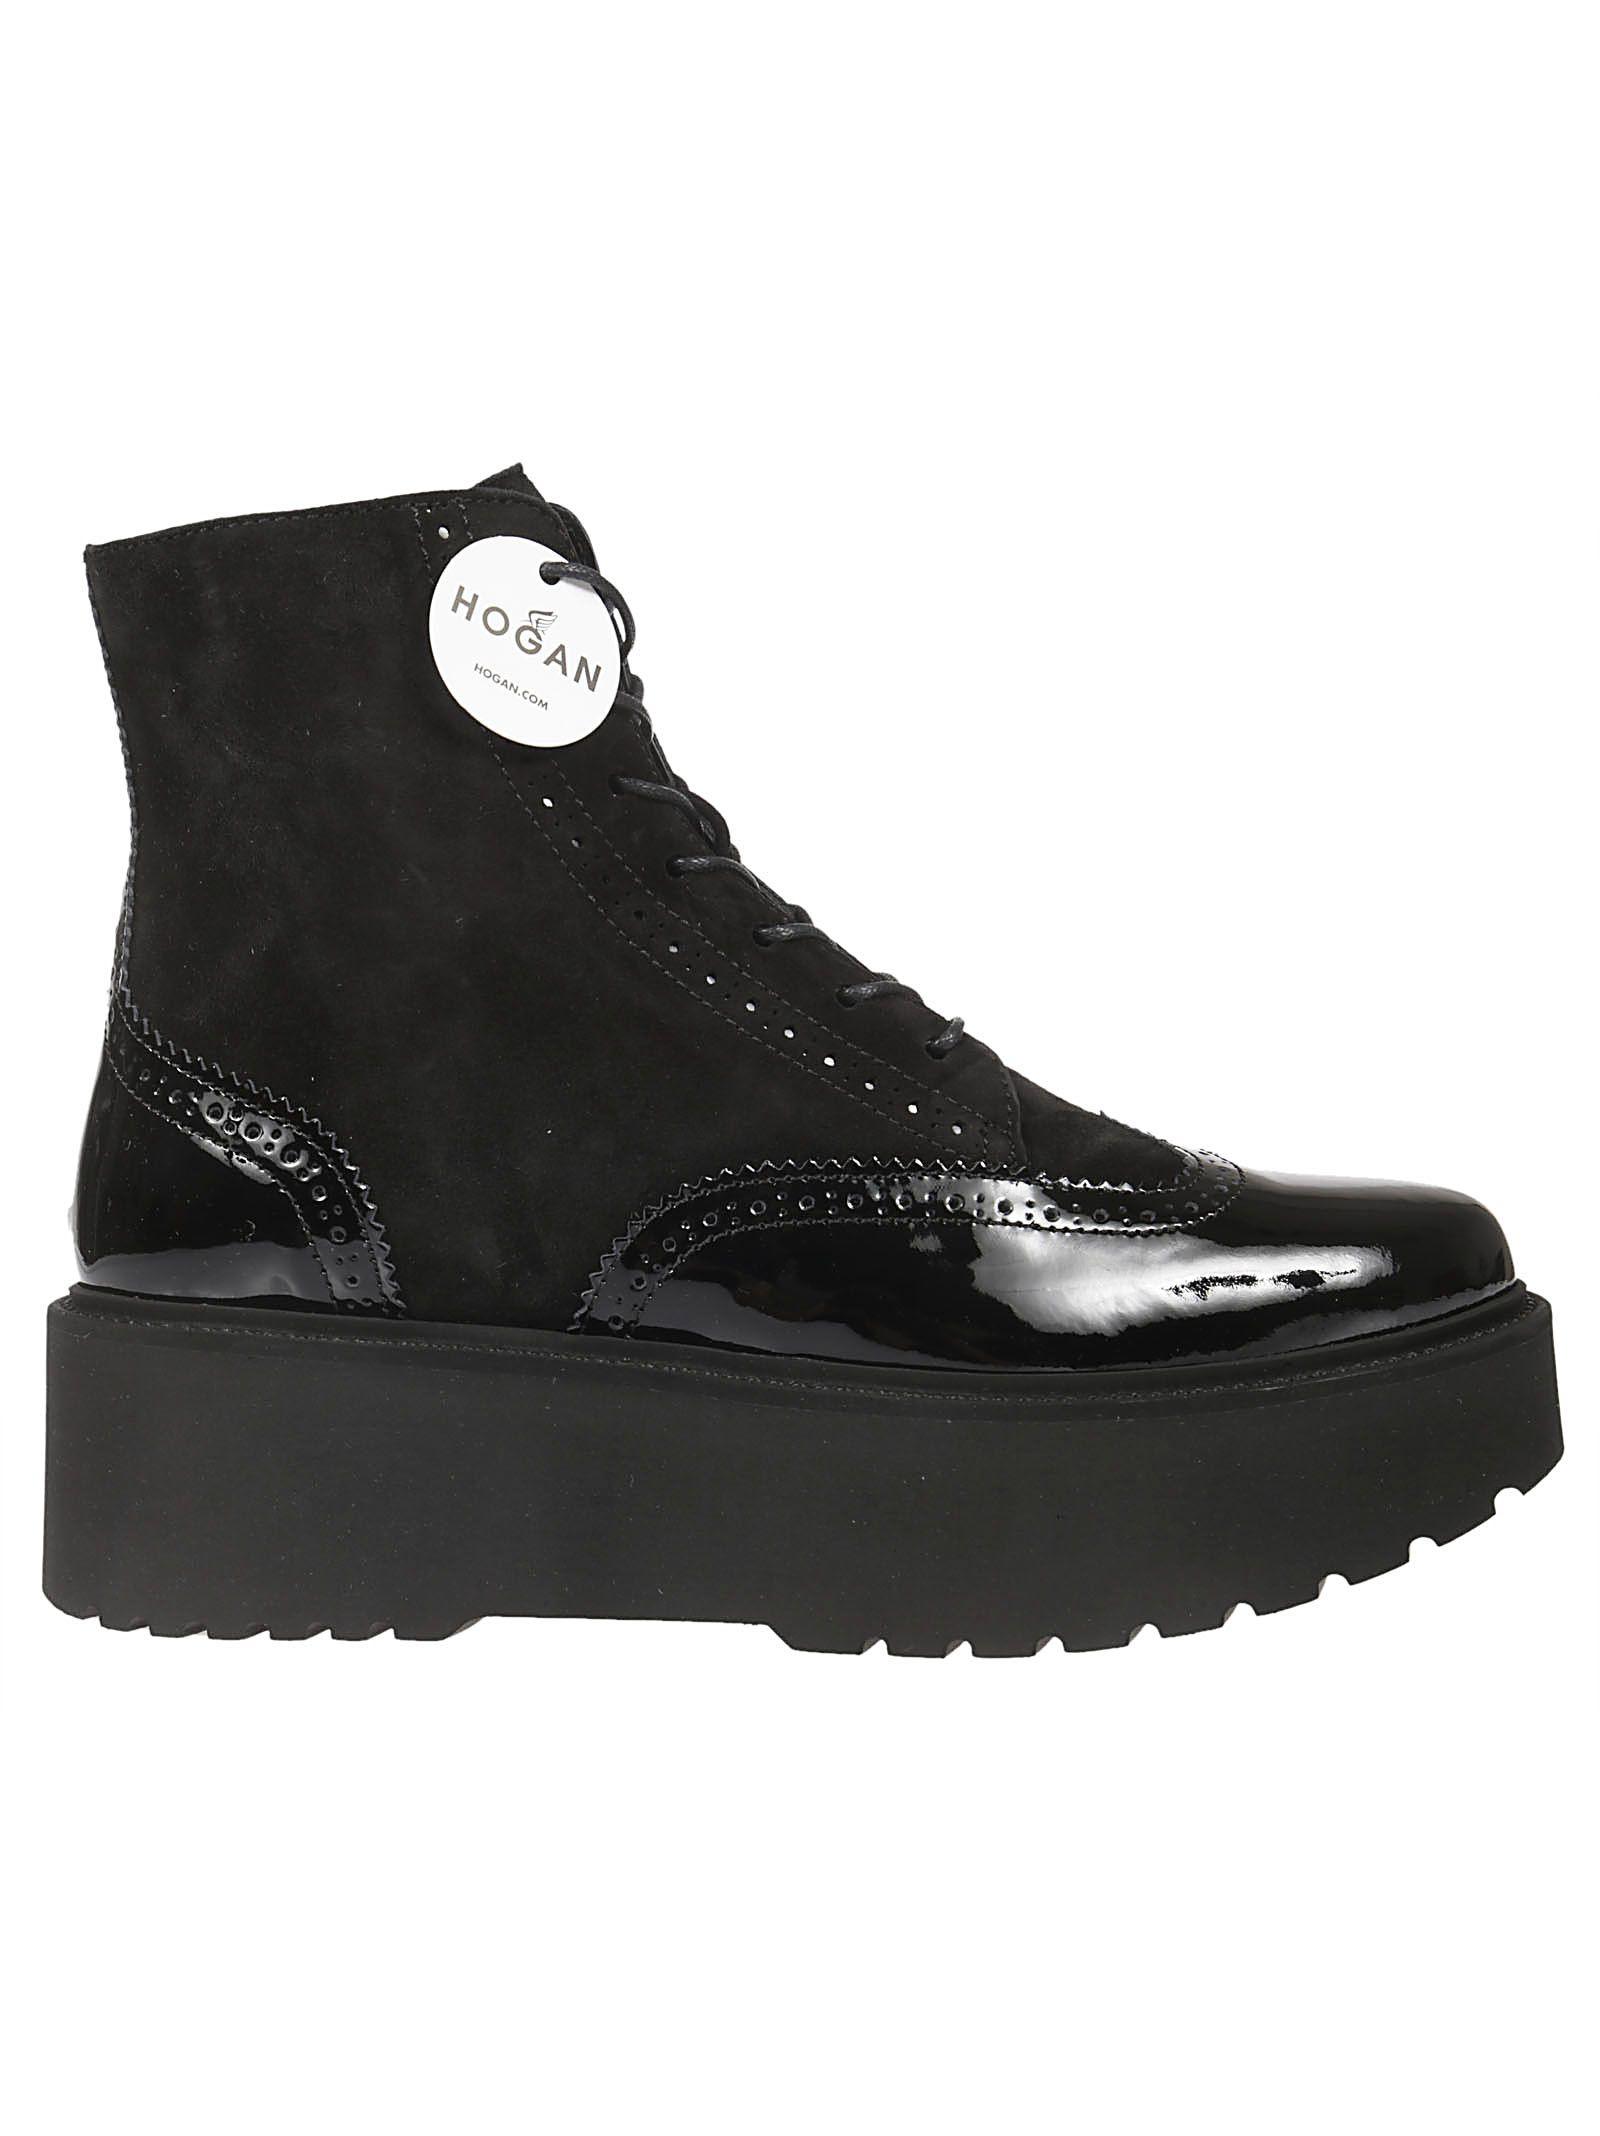 hogan -  H355 Lace Up Boots